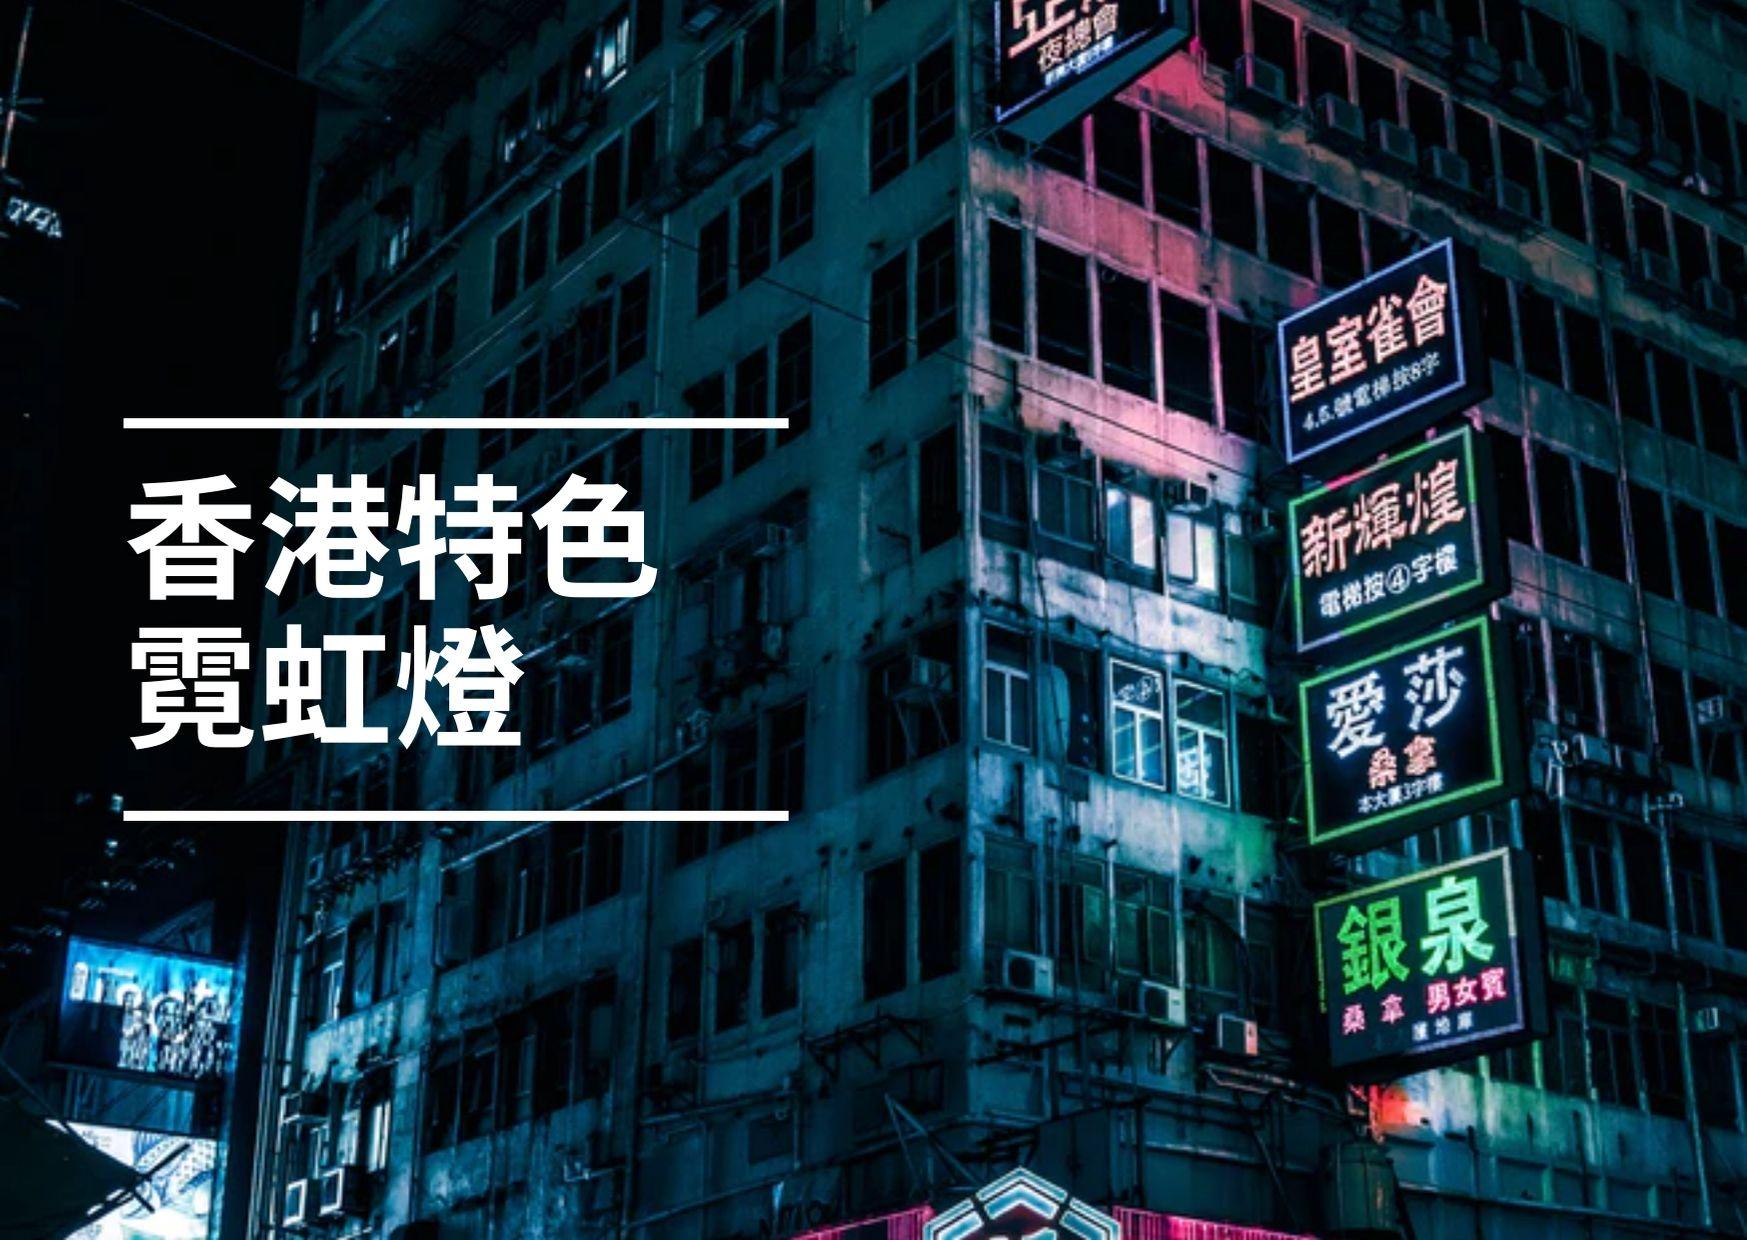 【香港限定】本土特色 - 霓虹燈